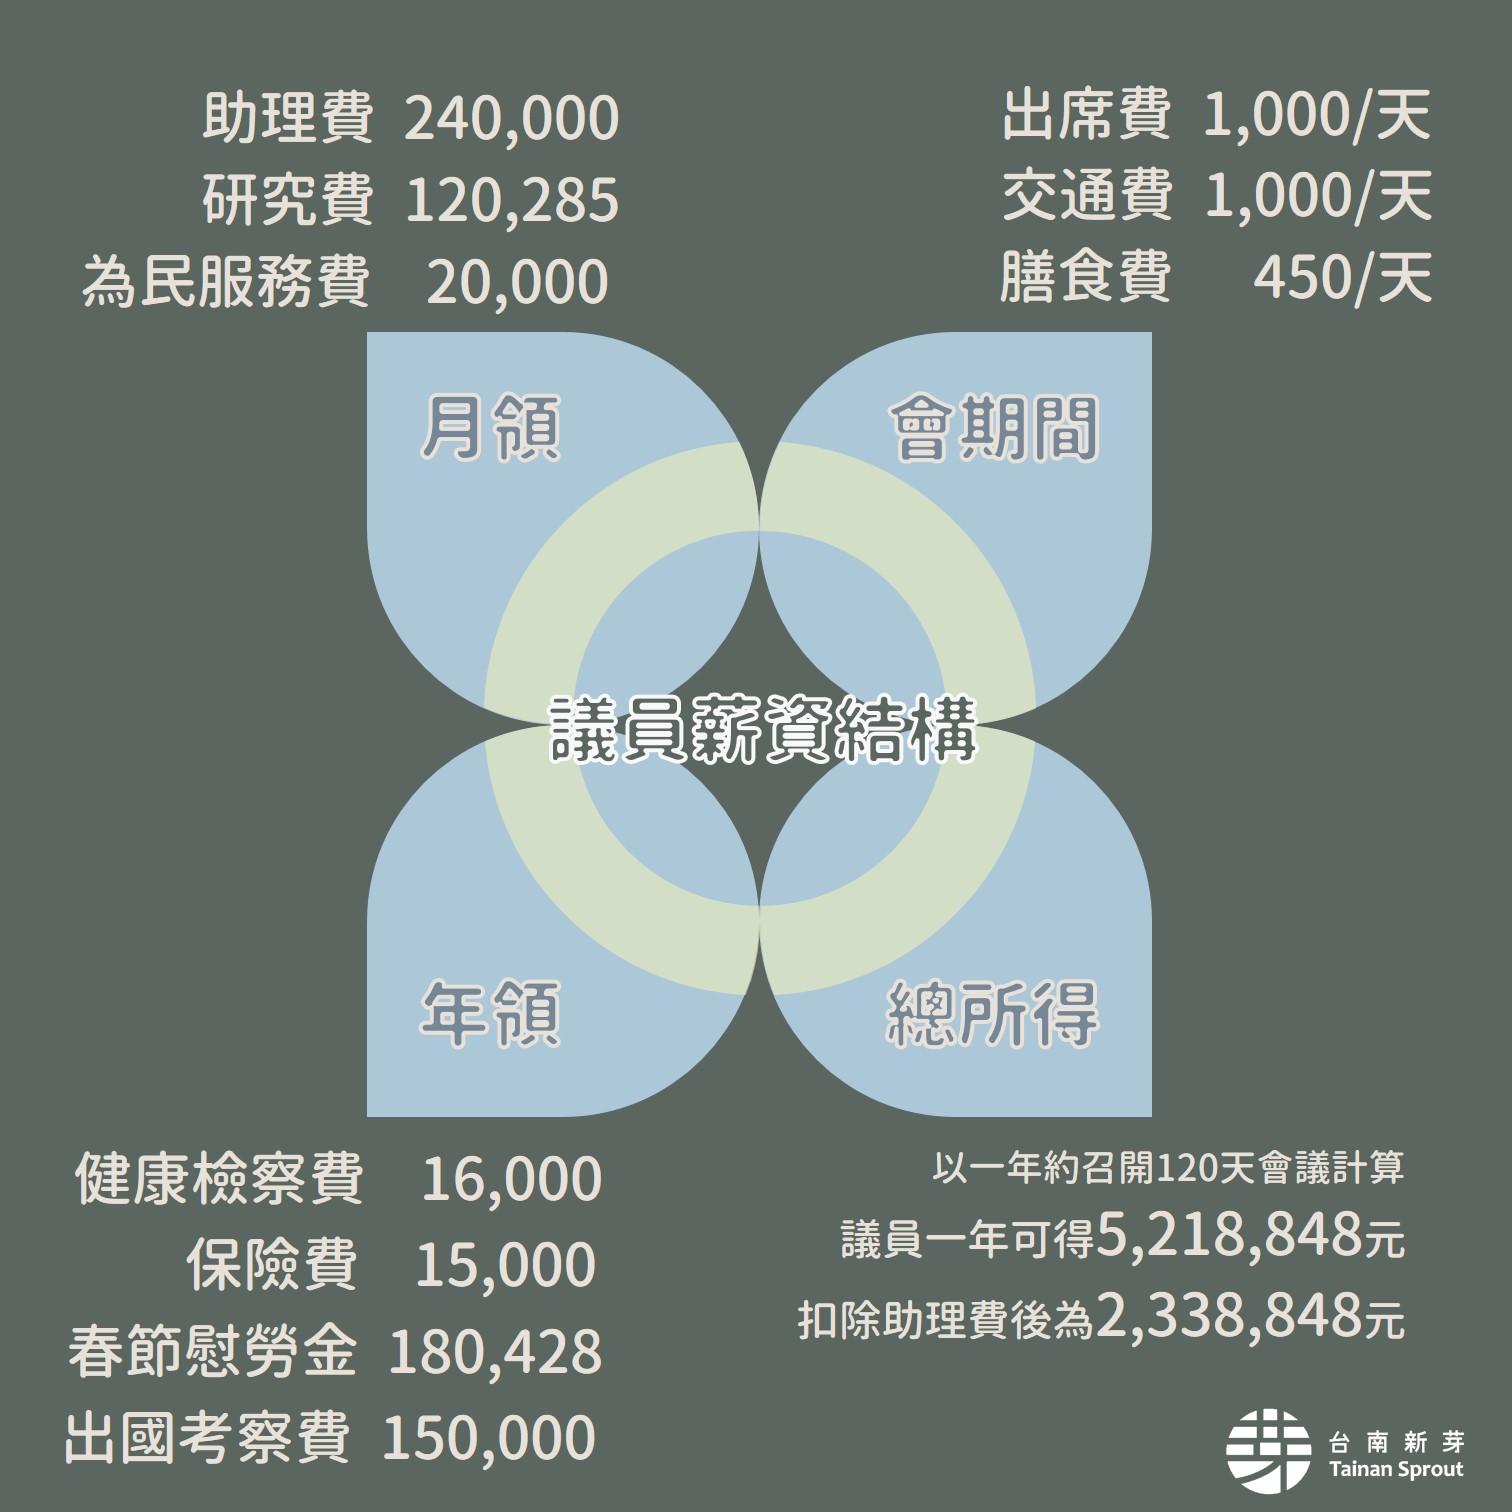 議員薪資結構圖.jpg